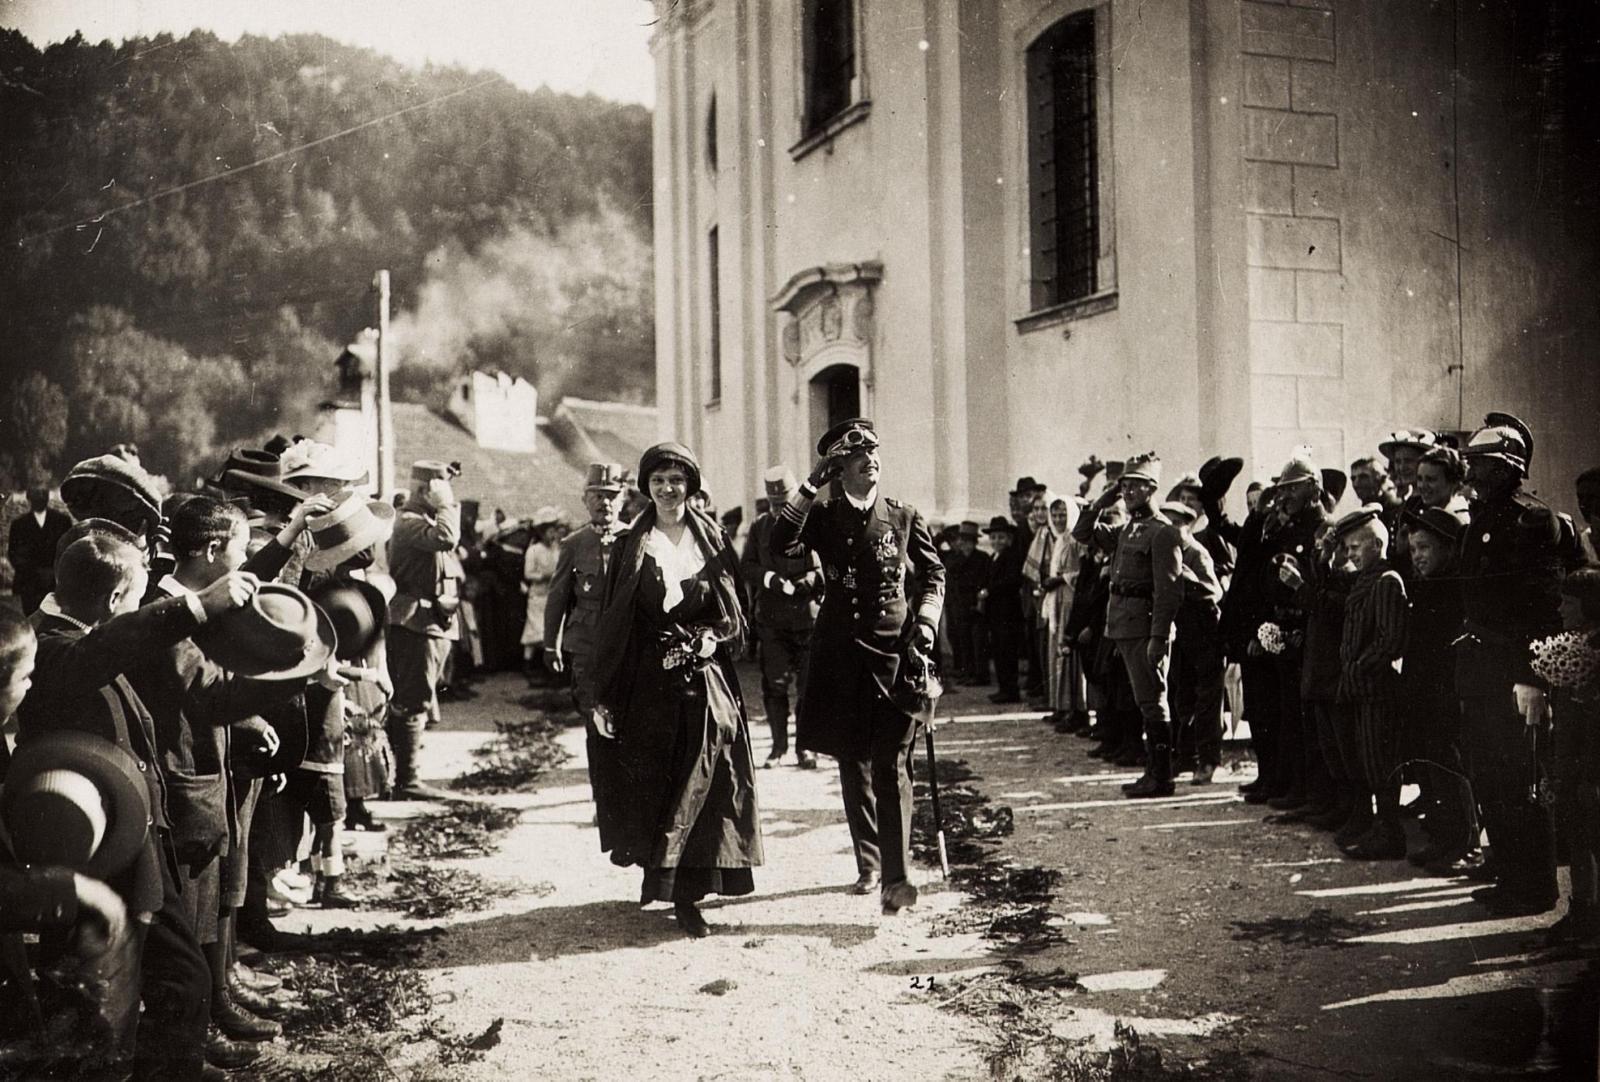 Kaiser Karl I. und Kaiserin Zita in Postojna (Adelsberg) am 3. Juni 1917. Vom 1. Juni 1917 bis zum 6. Juni 1917 bereiste Karl I. die Isonzofront, Istrien, Kärnten und Vorarlberg